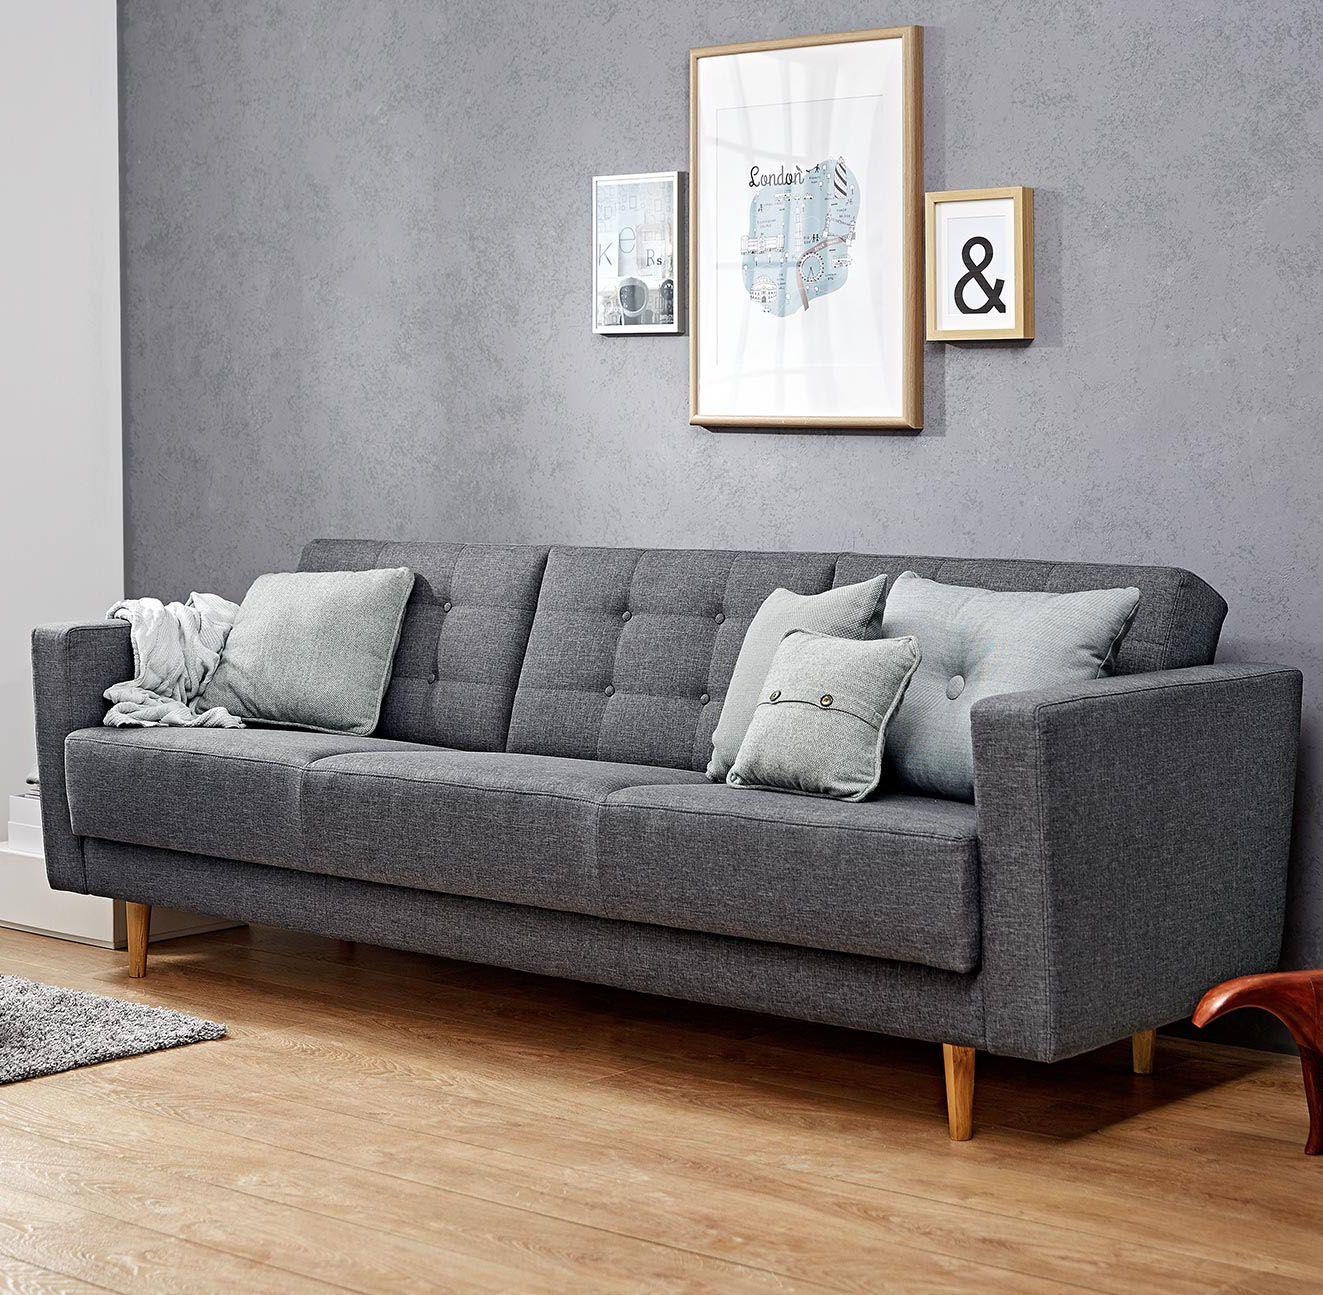 Mit Nur Wenigen Handgriffen Wird Diese Elegante Couch Mit